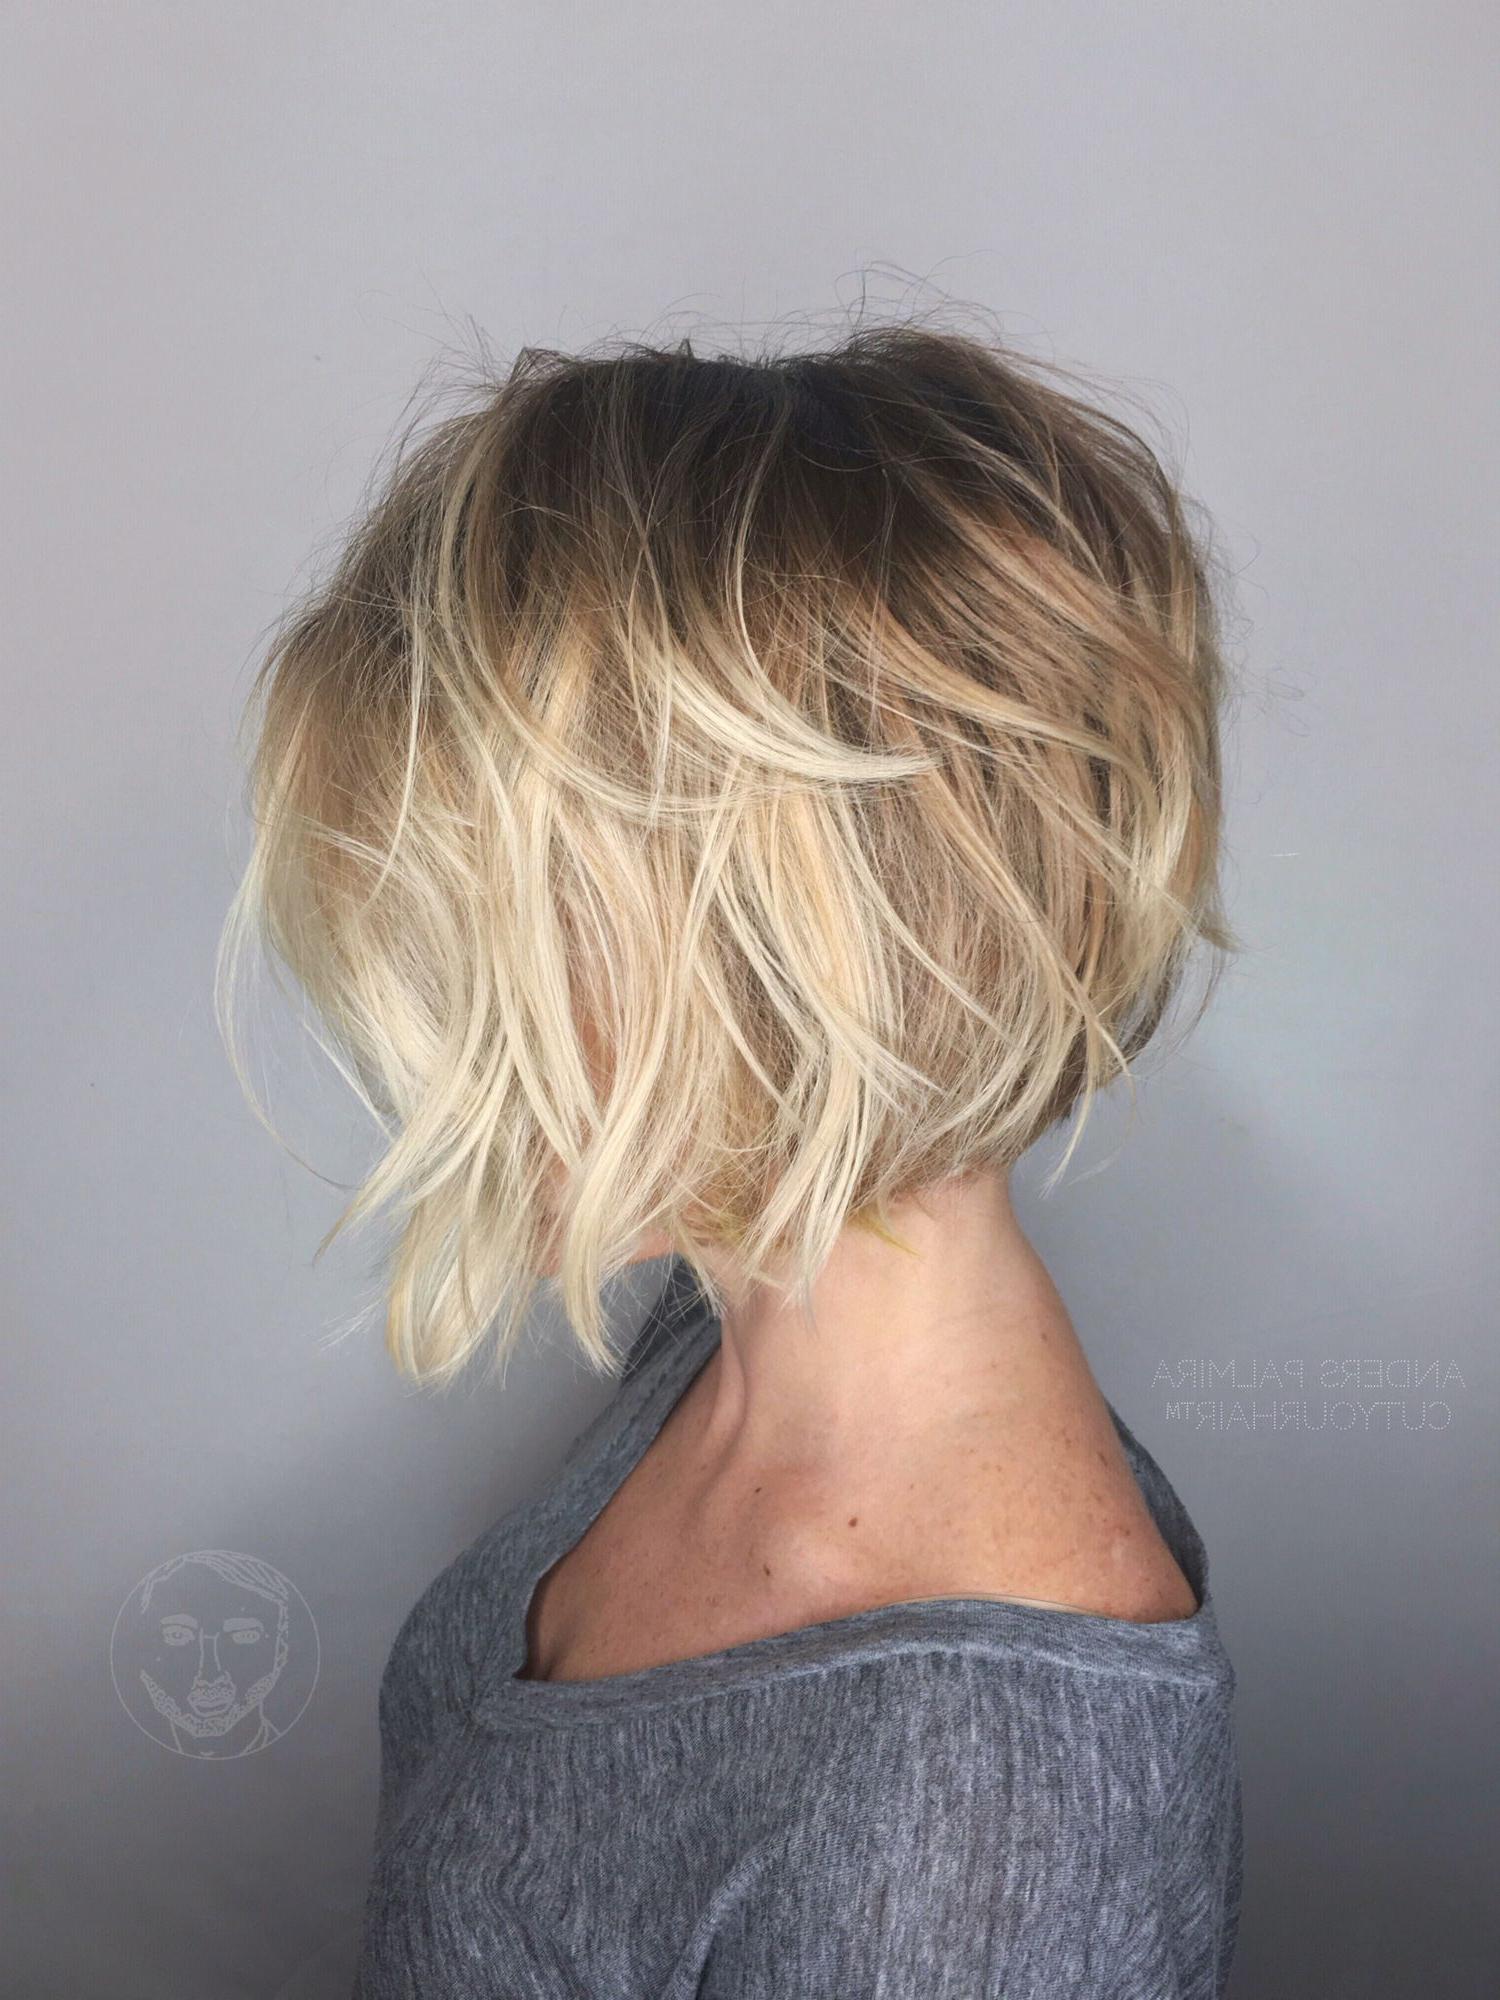 Aveda Wavy Long Blonde Bob Short Hair Beach Wave Medium Pertaining To Short Bob Haircuts With Waves (View 7 of 20)